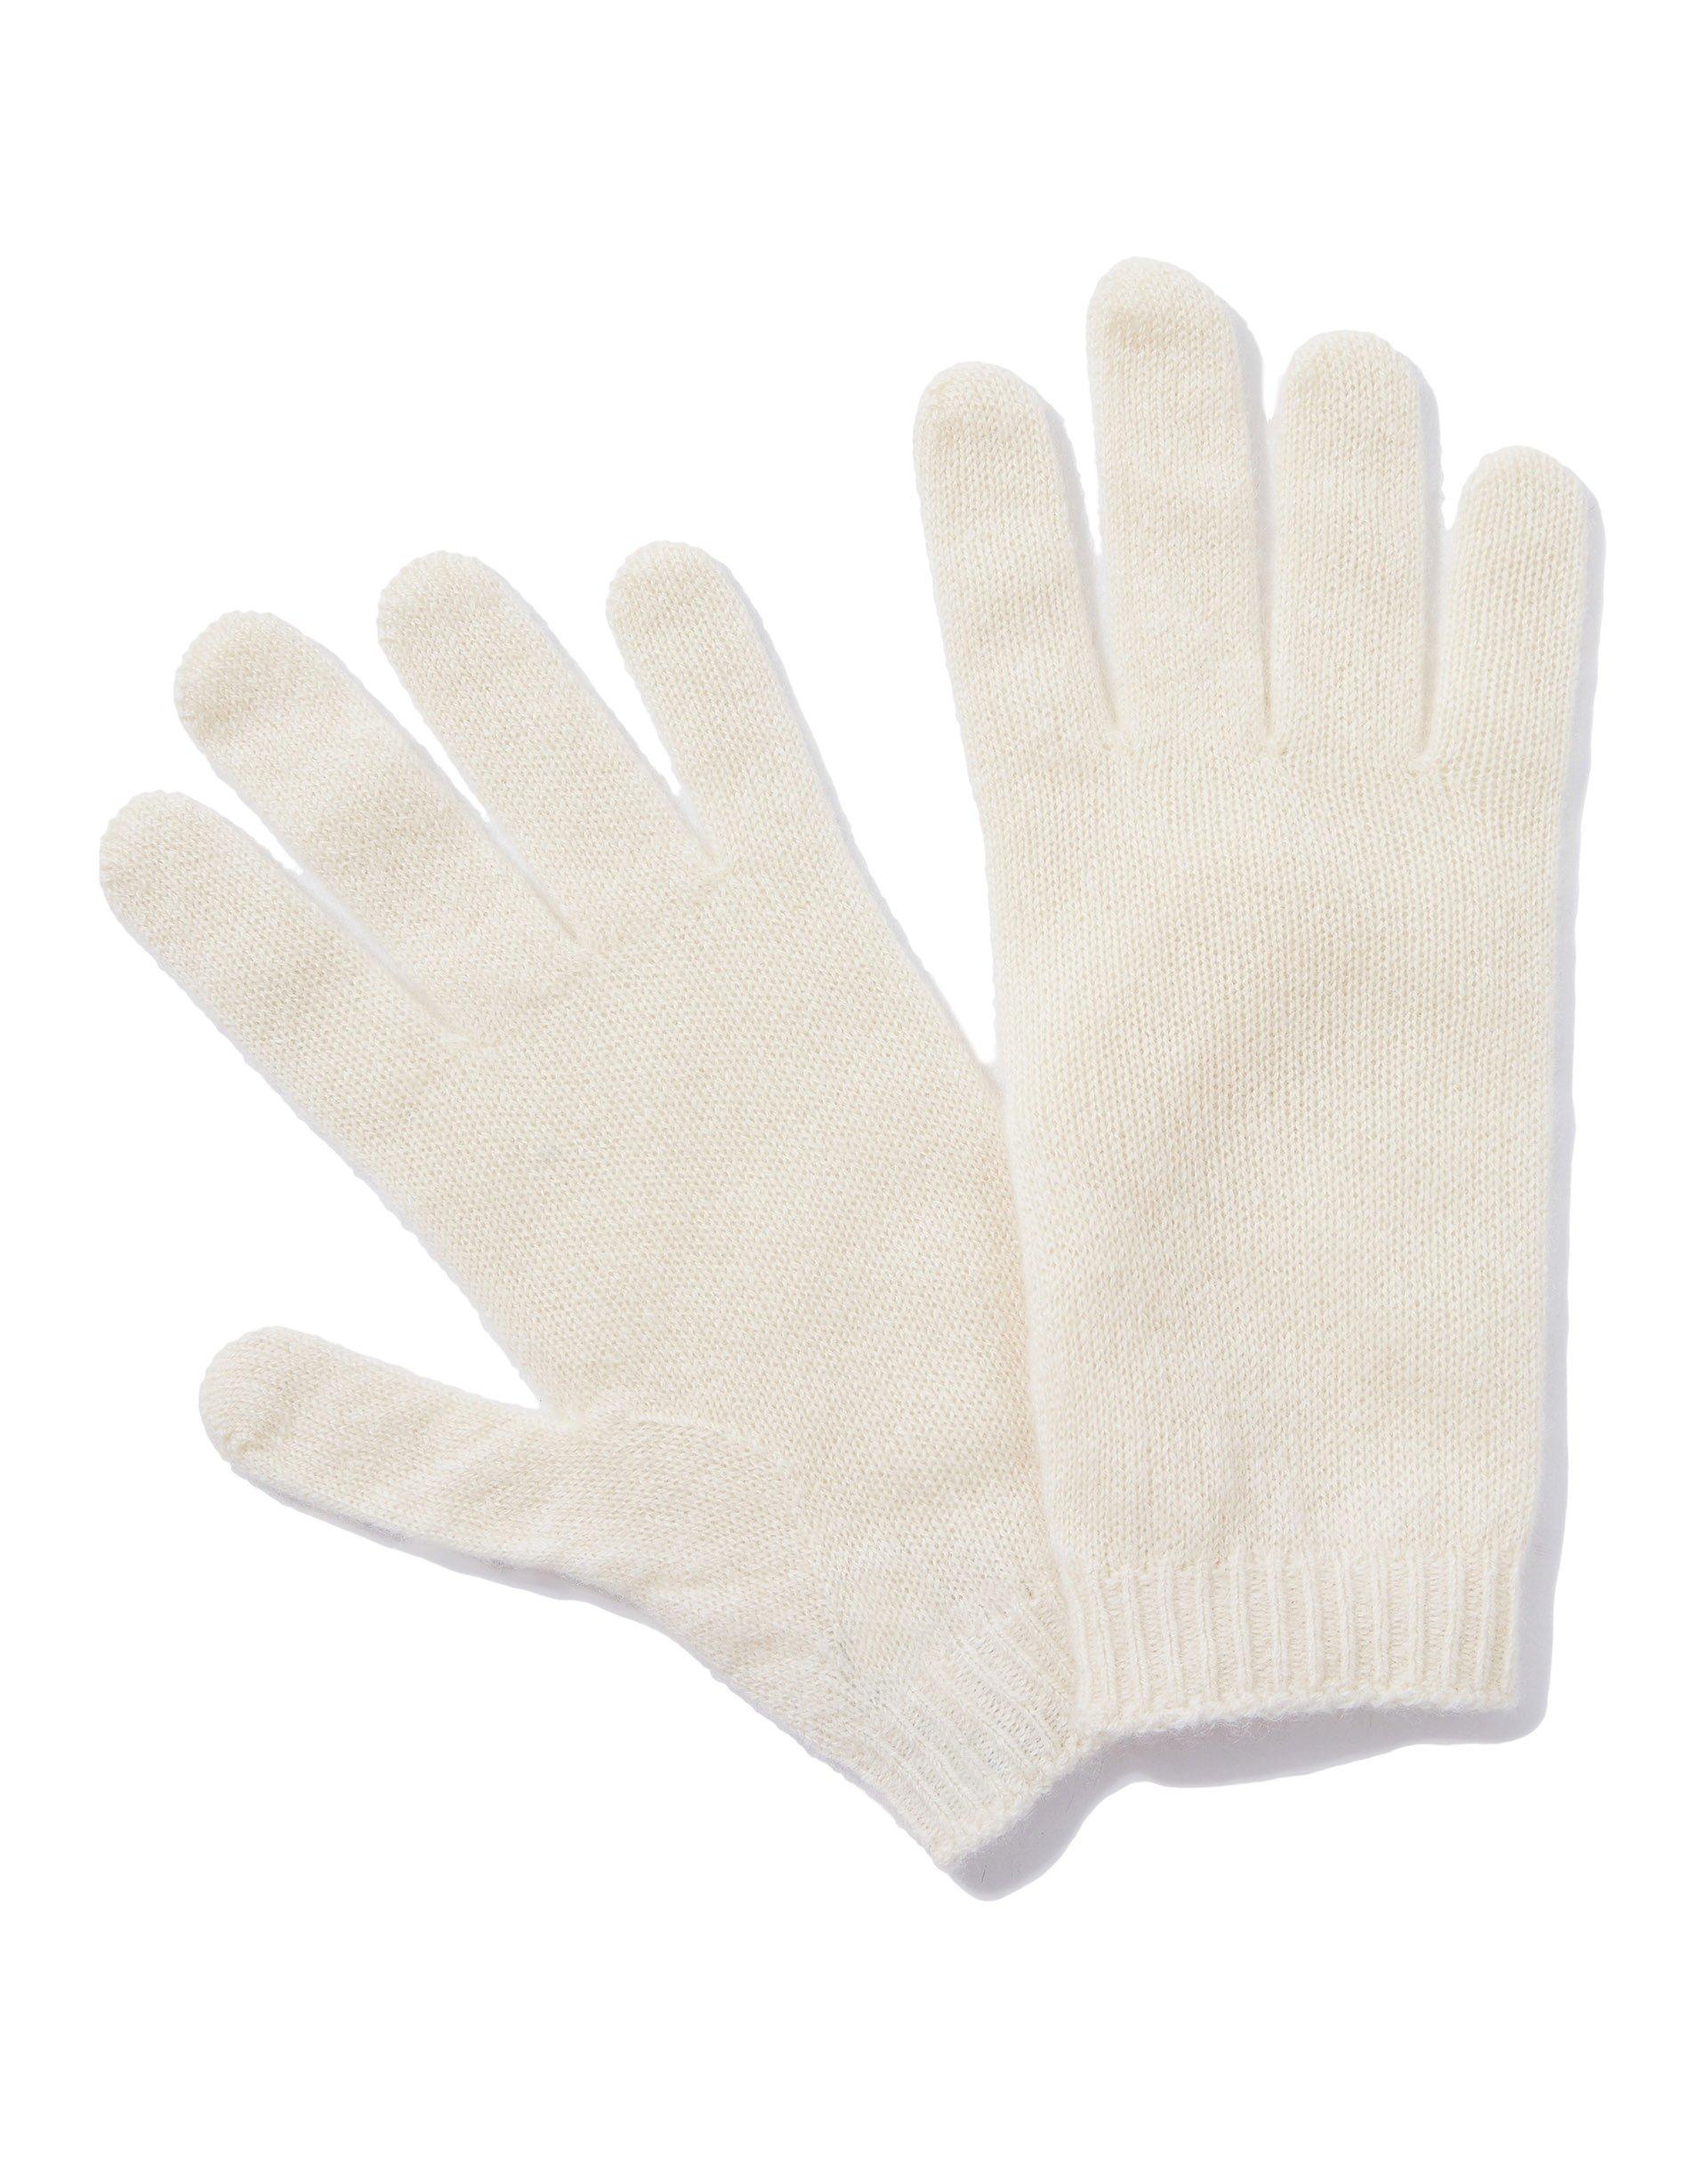 ПерчаткиПерчатки<br>Женские перчатки из пушистого кашемирового трикотажа. Эластичные манжеты. Универсальный размер.<br>Цвет: Белый; Размер: OS;